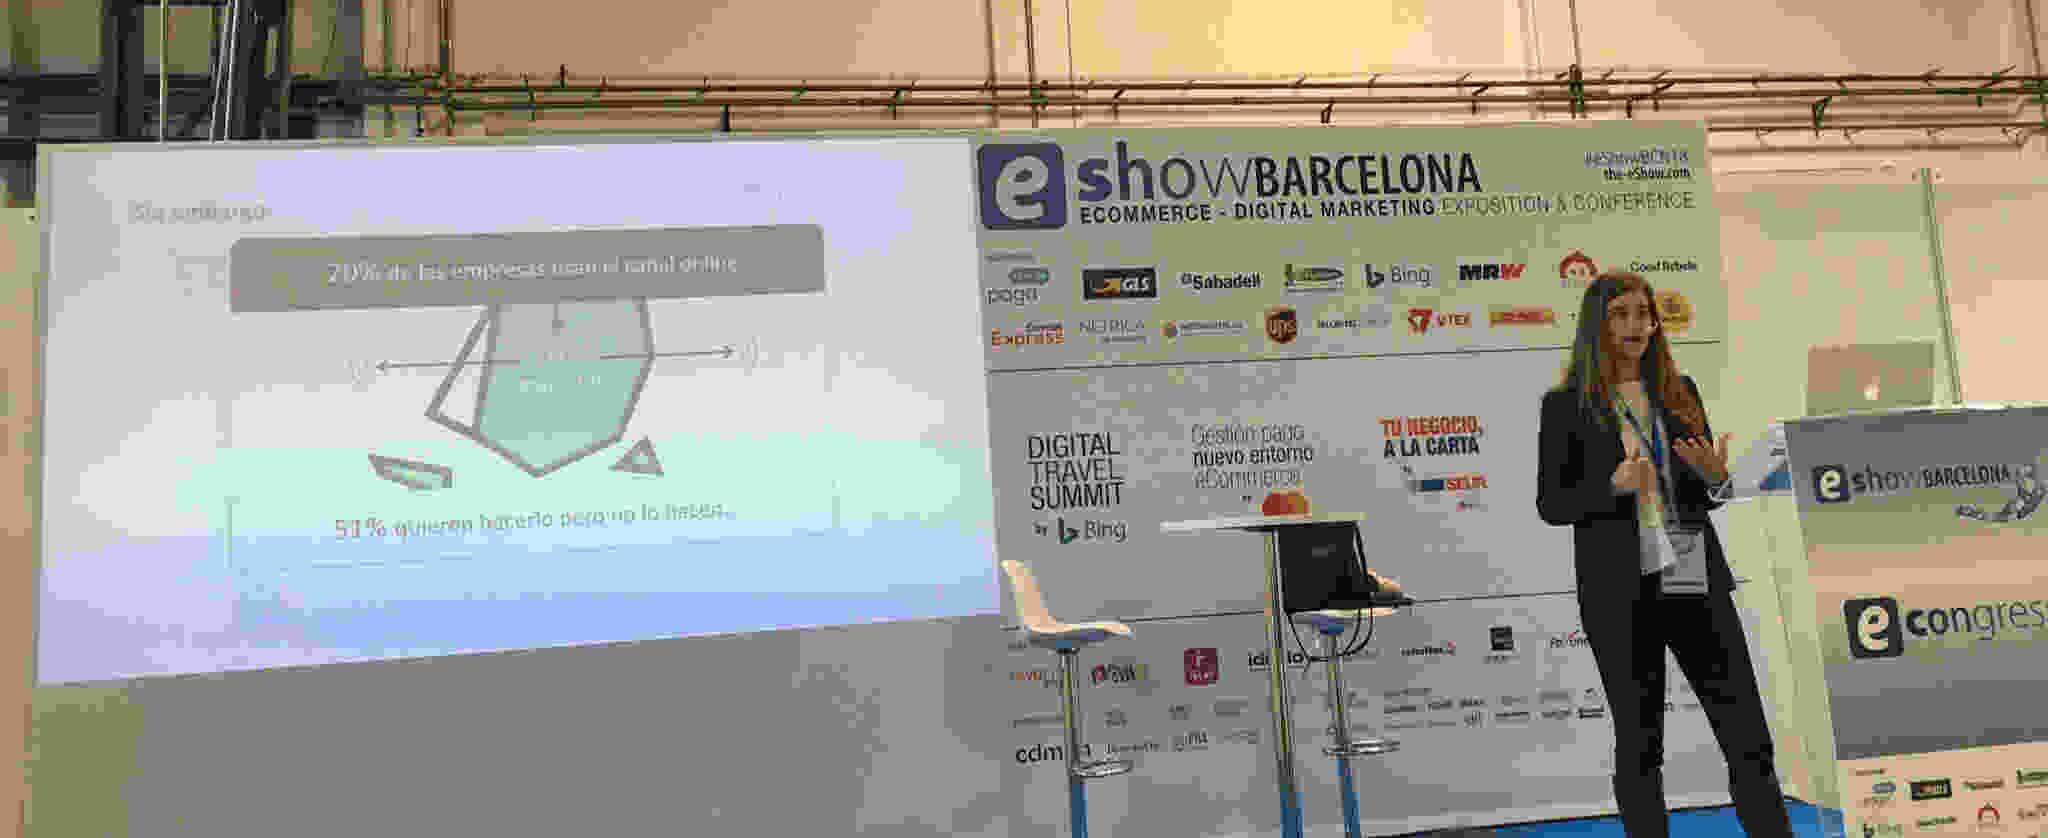 eshow barcelona 2018 - Comunicacion CoCo